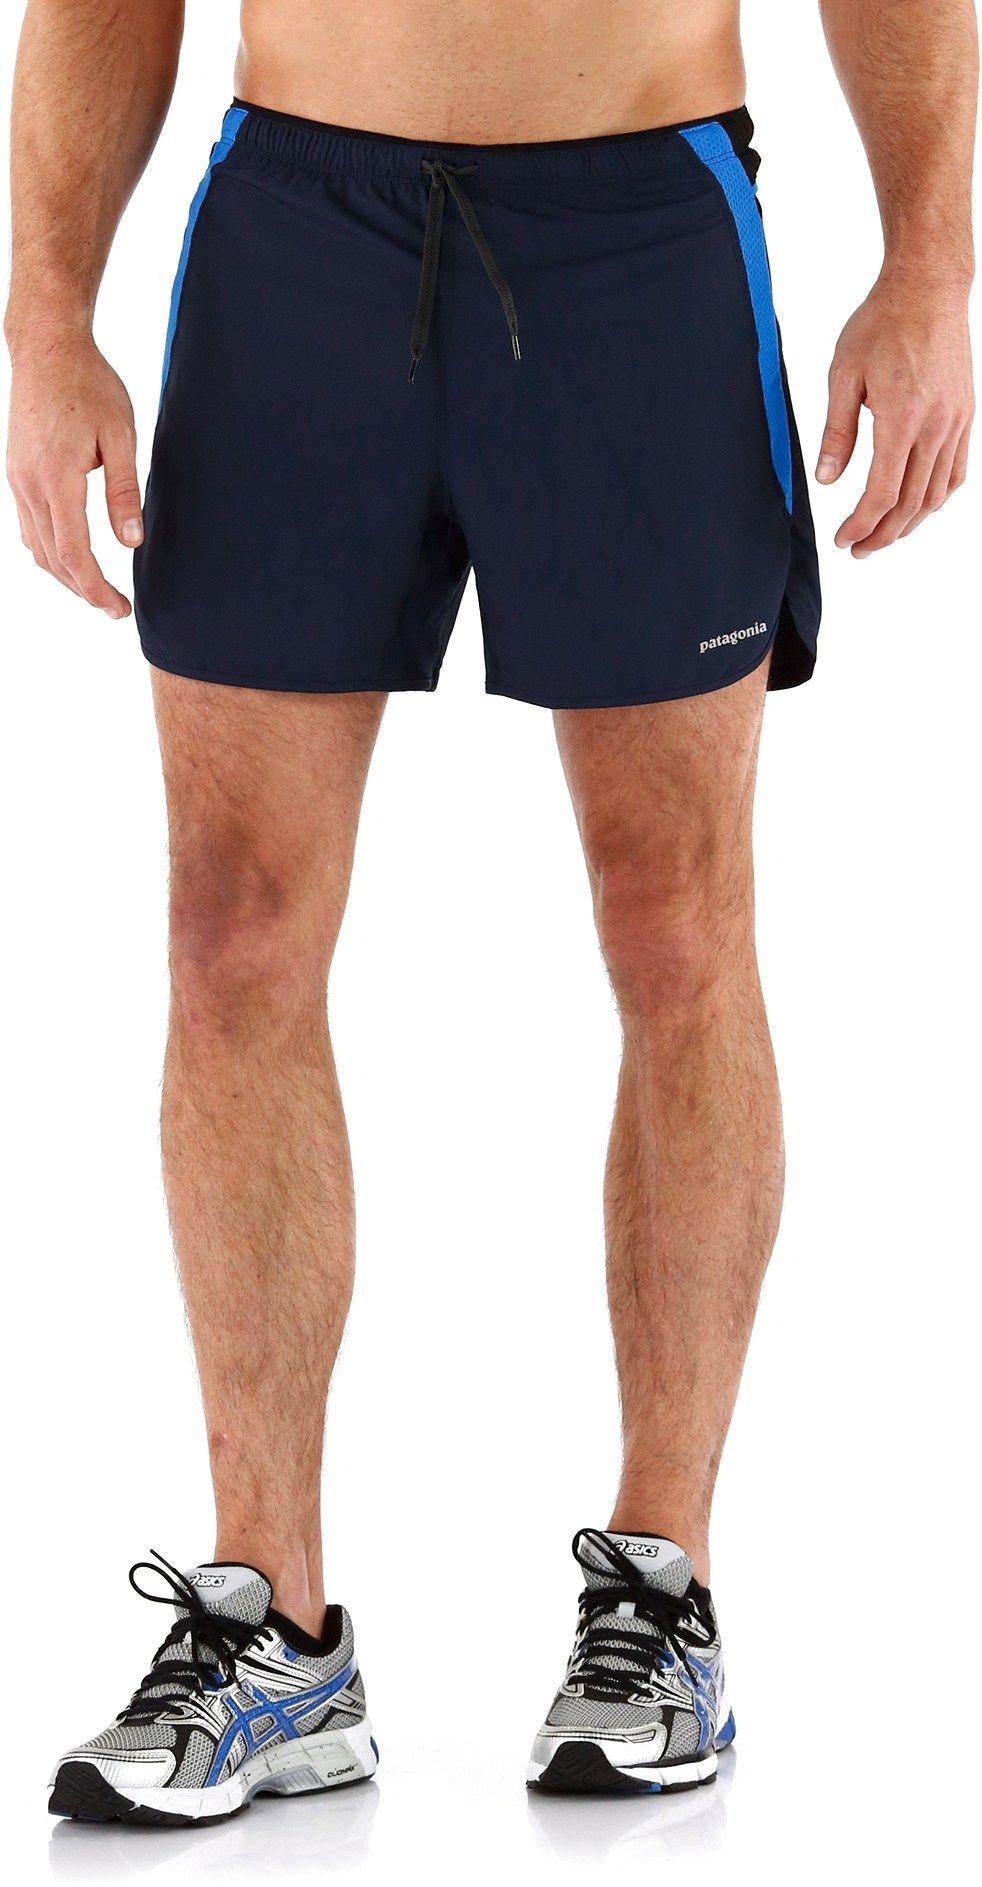 Patagonia Strider PRO Shorts - Men's 5